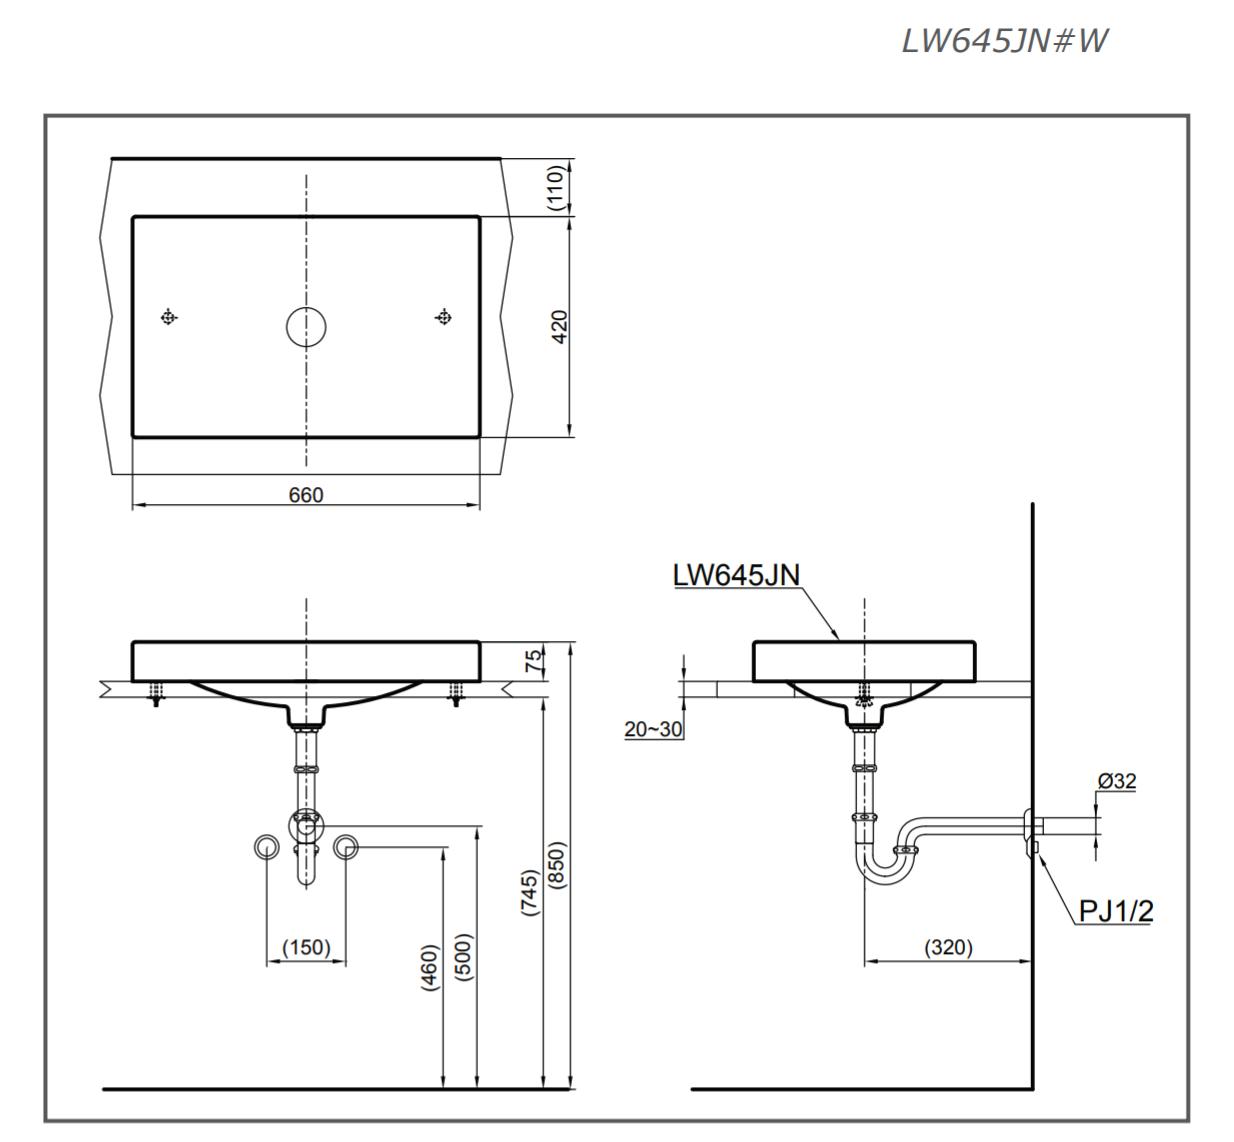 Bản vẽ kỹ thuật lavabo đặt bàn TOTO LW645JNW/F